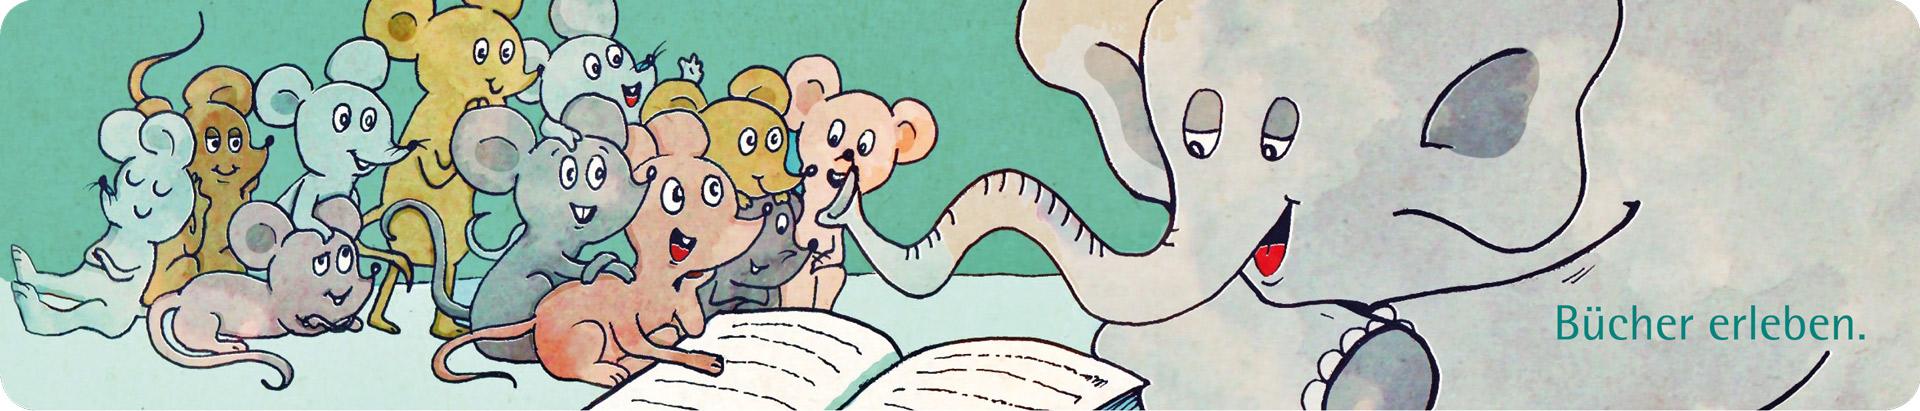 Illustration für ein Kinder-Lesezeichen